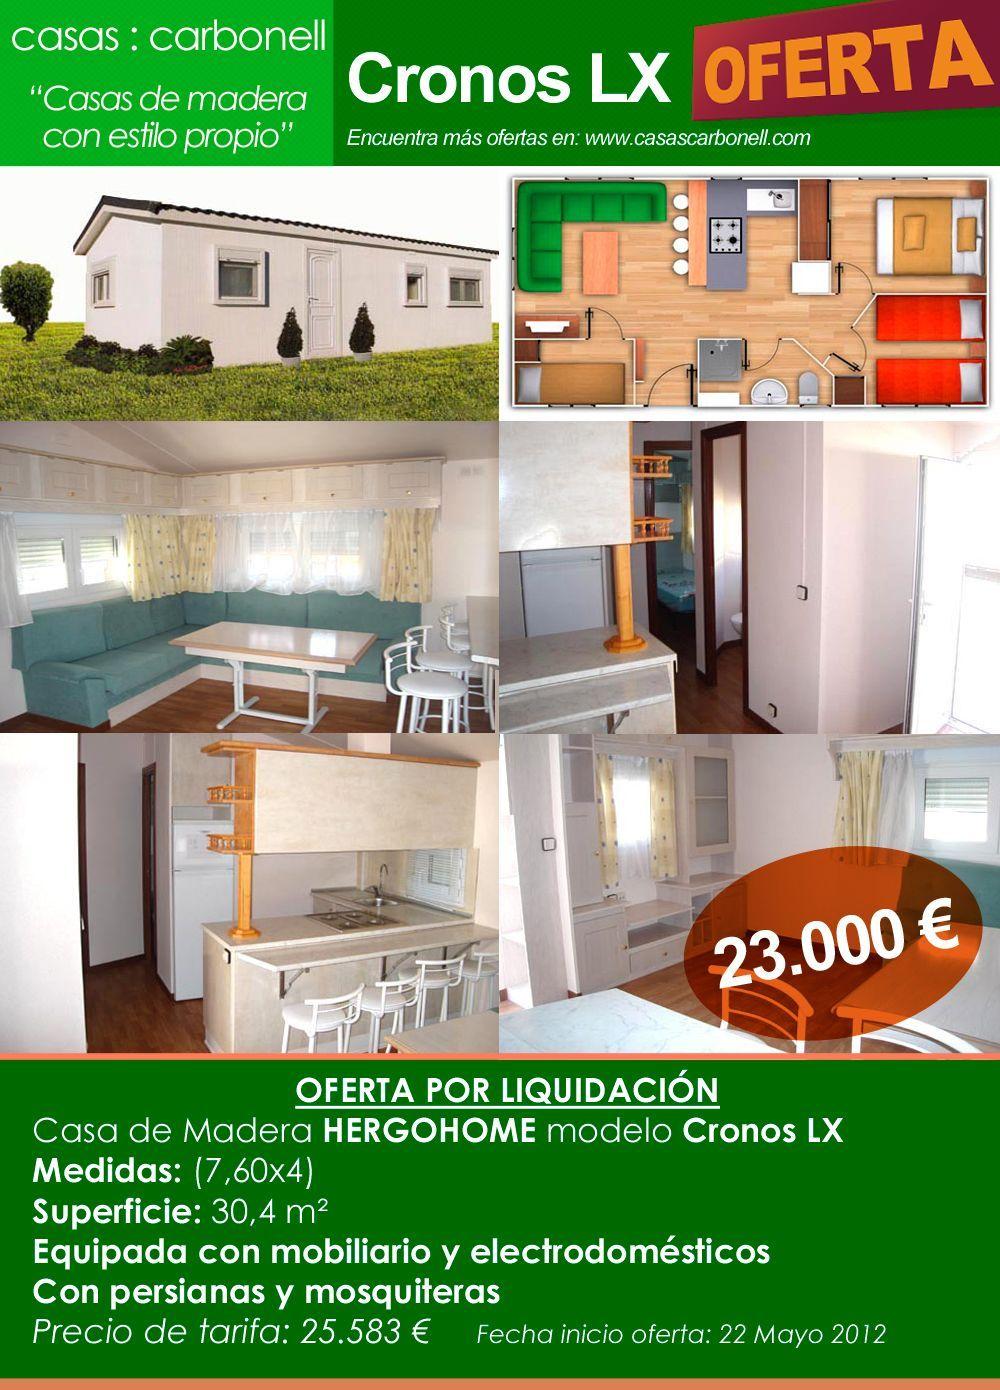 Ofertas En Casas De Madera Y Casas Prefabricadas Casas Carbonell